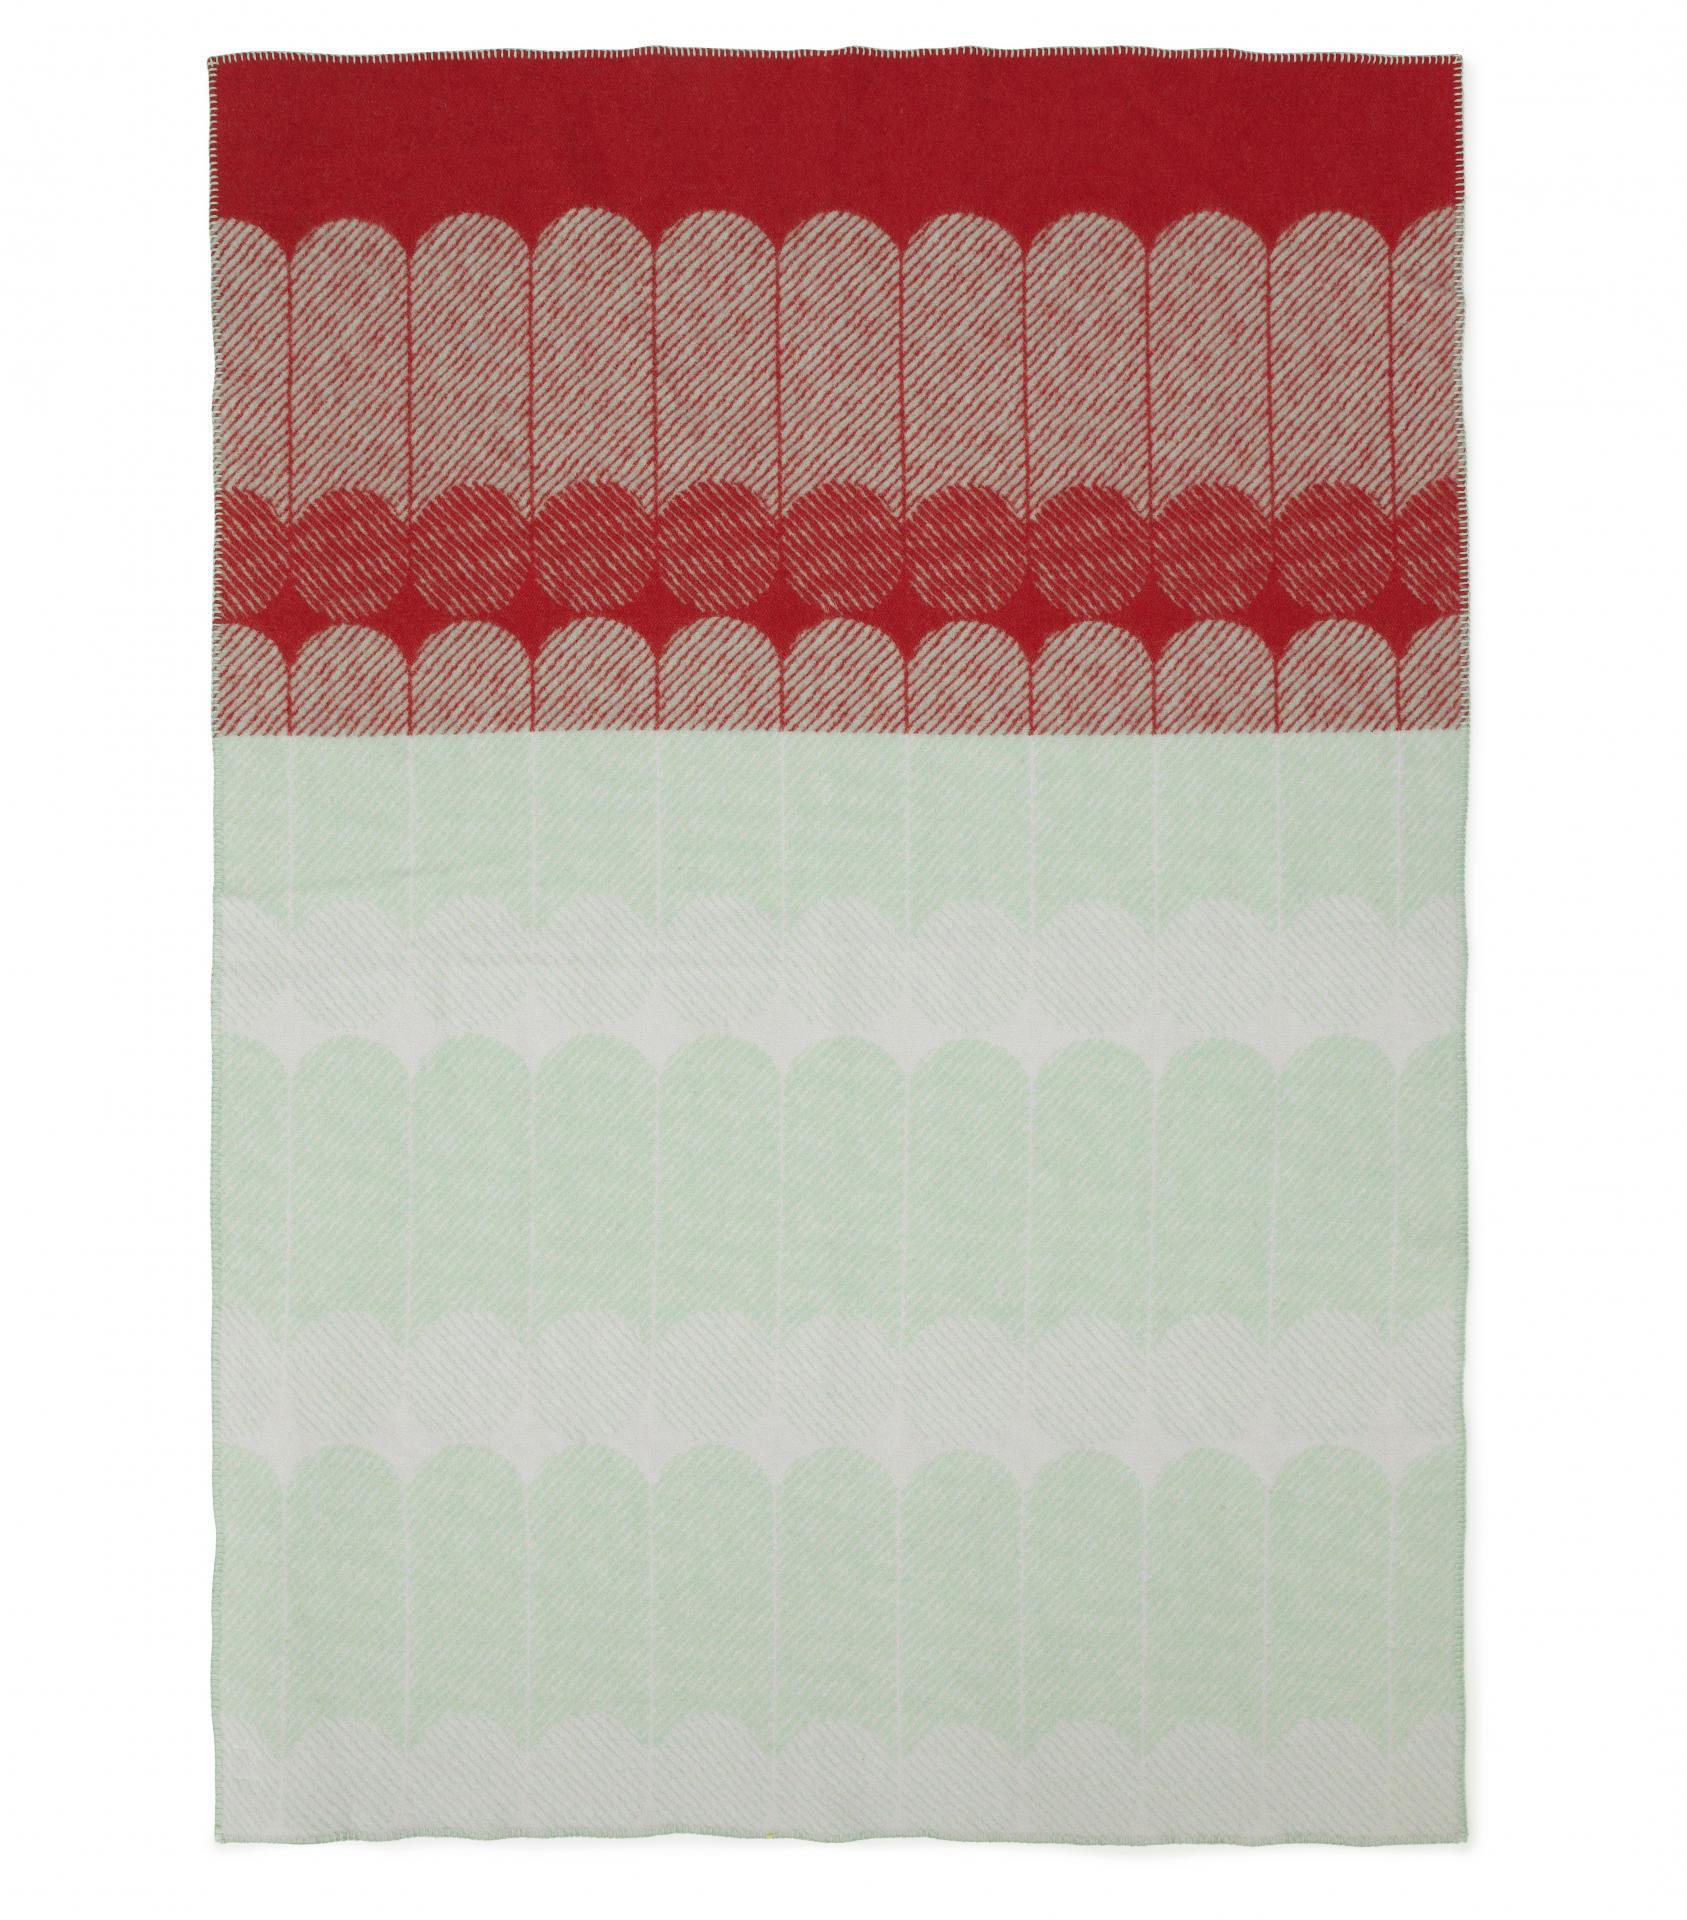 normann COPENHAGEN Vlněná deka Ekko Raspberry/mint 130x180 cm, červená barva, zelená barva, textil